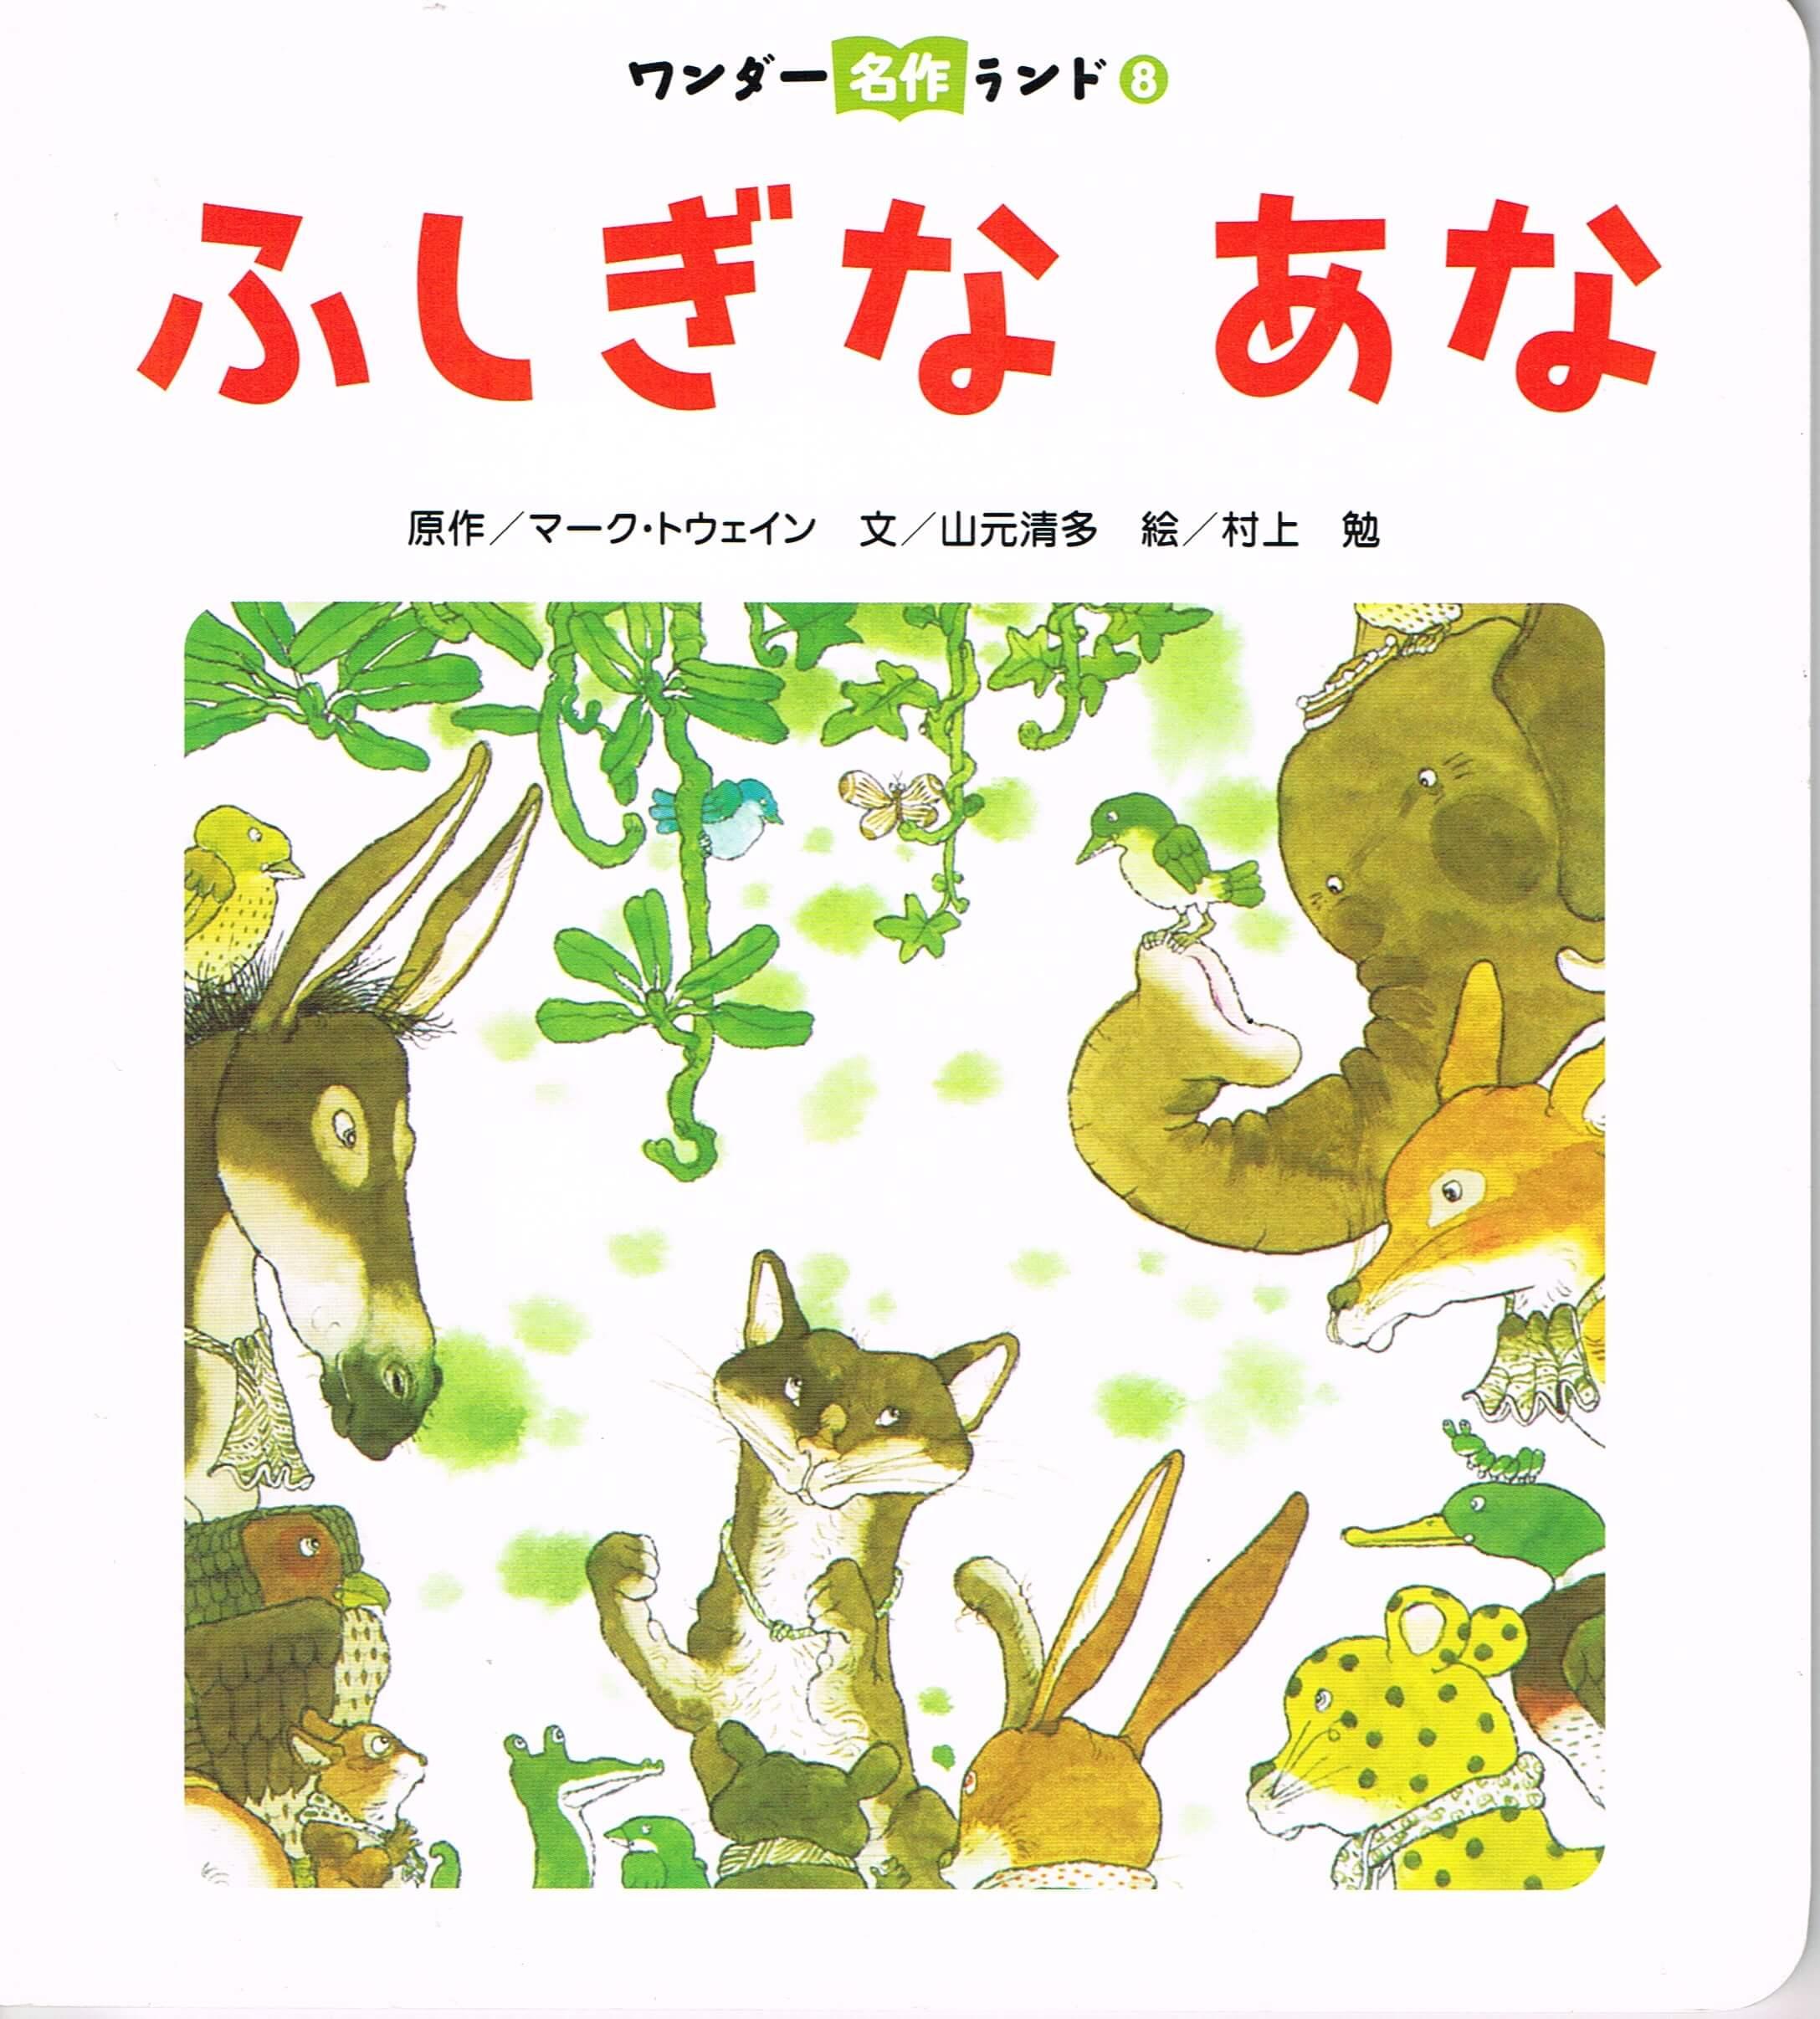 ふしぎなあな (ワンダー名作ランド8 2012年8月)